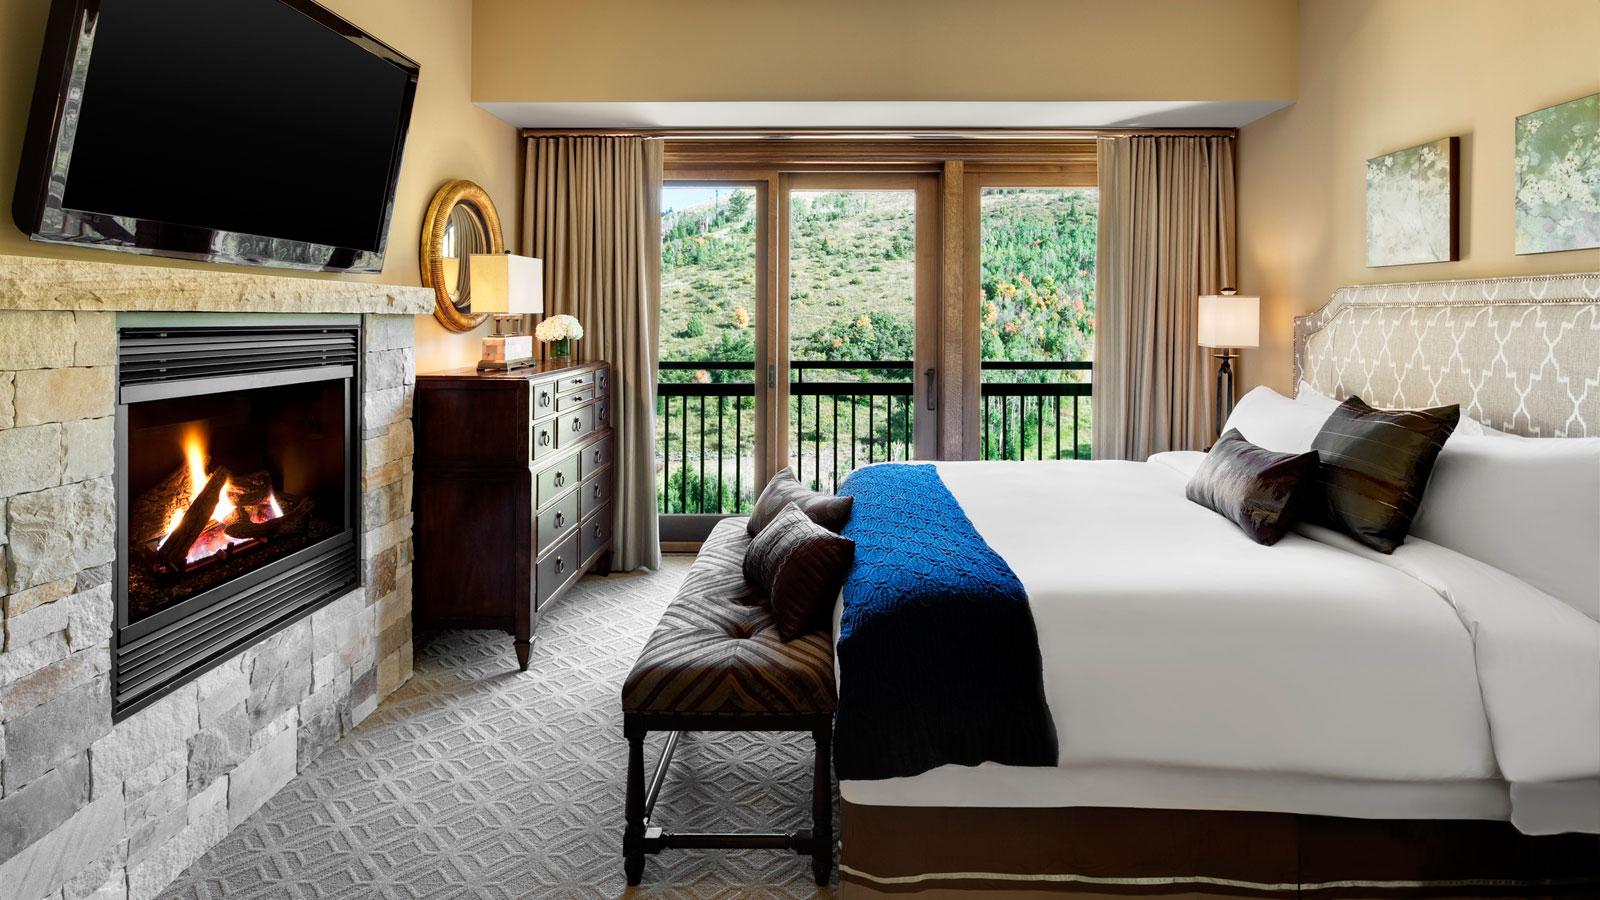 Presidential-Residence-Junior-Master-Bedroom.jpg